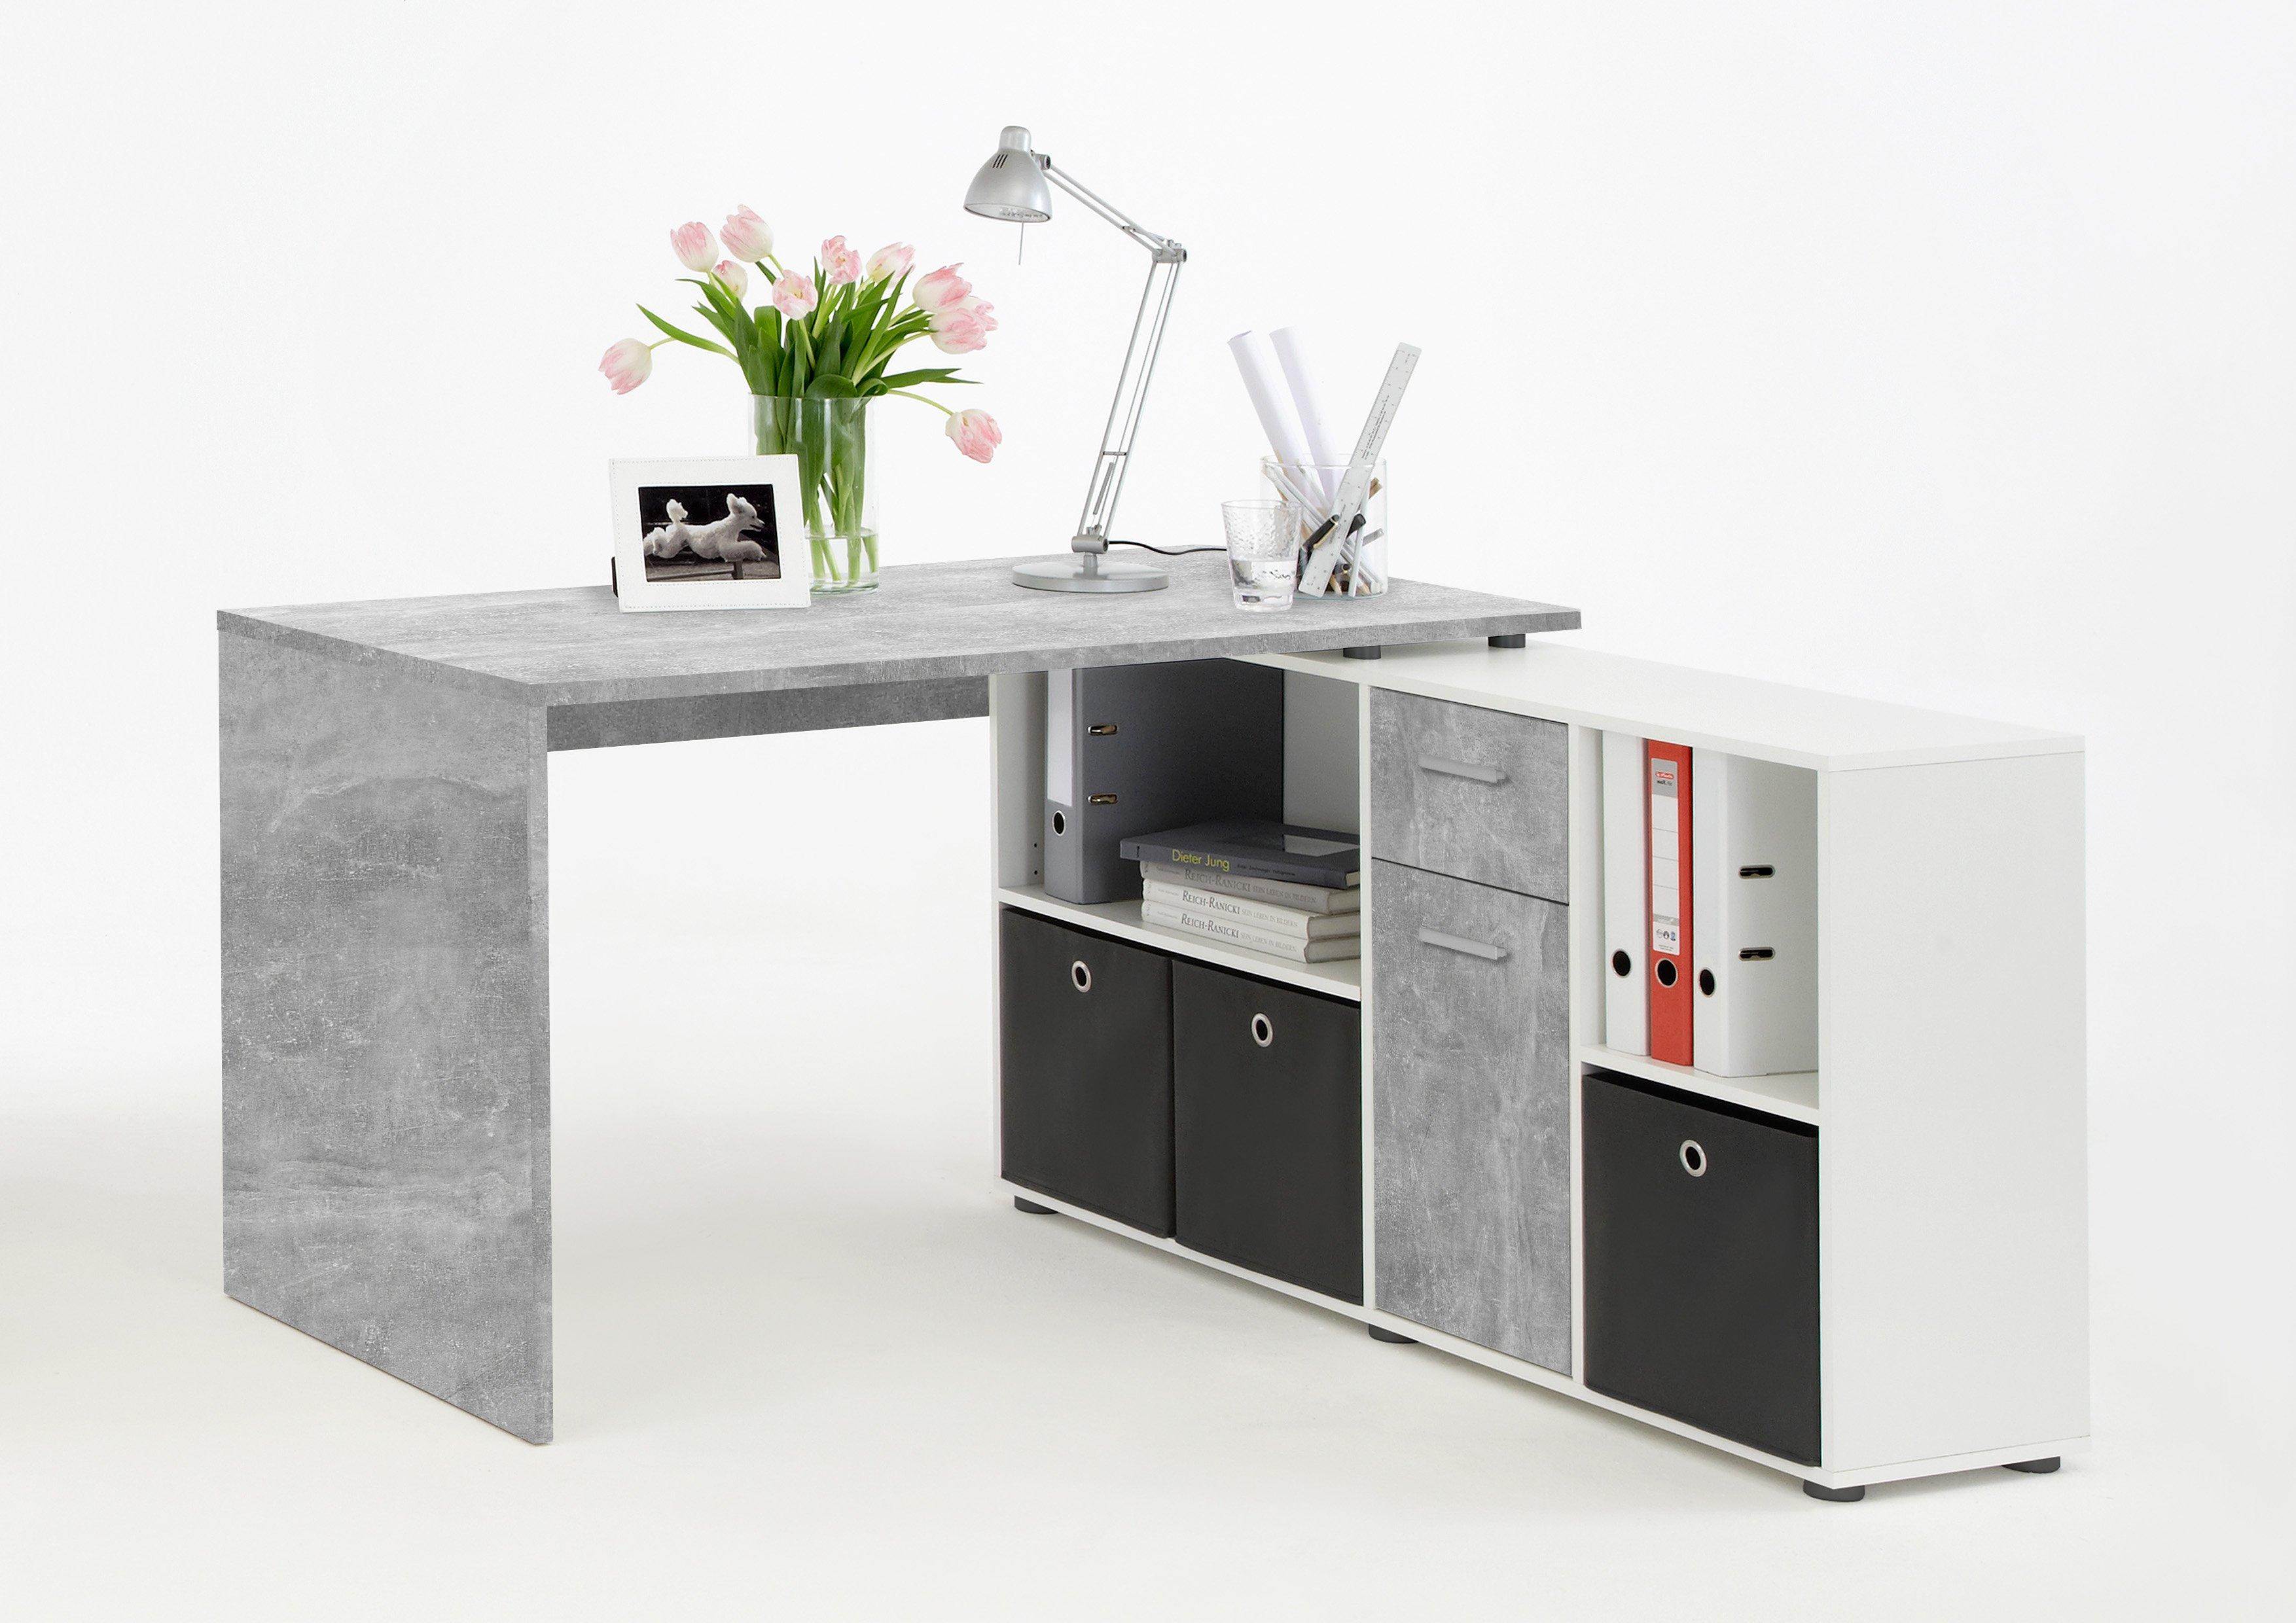 Melamin harzbeschichtete Dekorspanplatte LEXO/LEX Beton LA/weiß